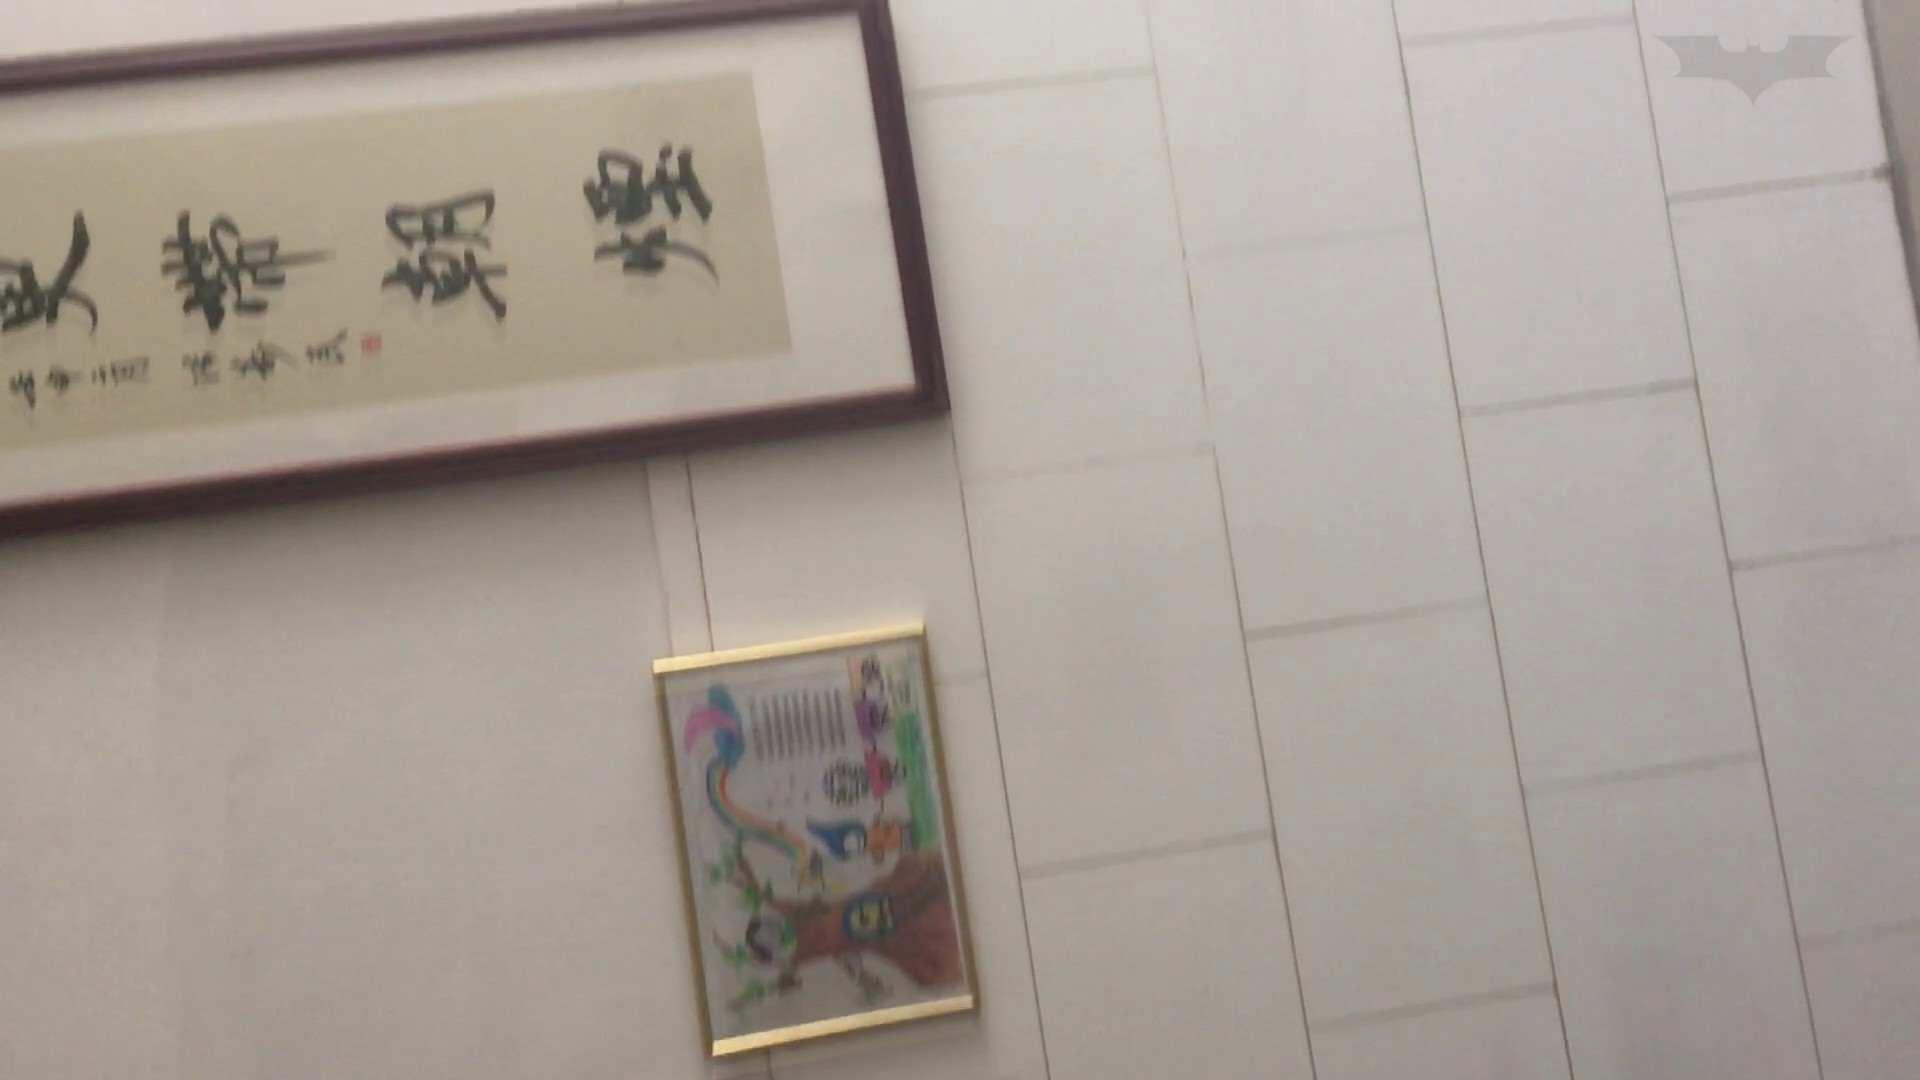 芸術大学ガチ潜入盗撮 JD盗撮 美女の洗面所の秘密 Vol.81 盗撮  62PIX 19